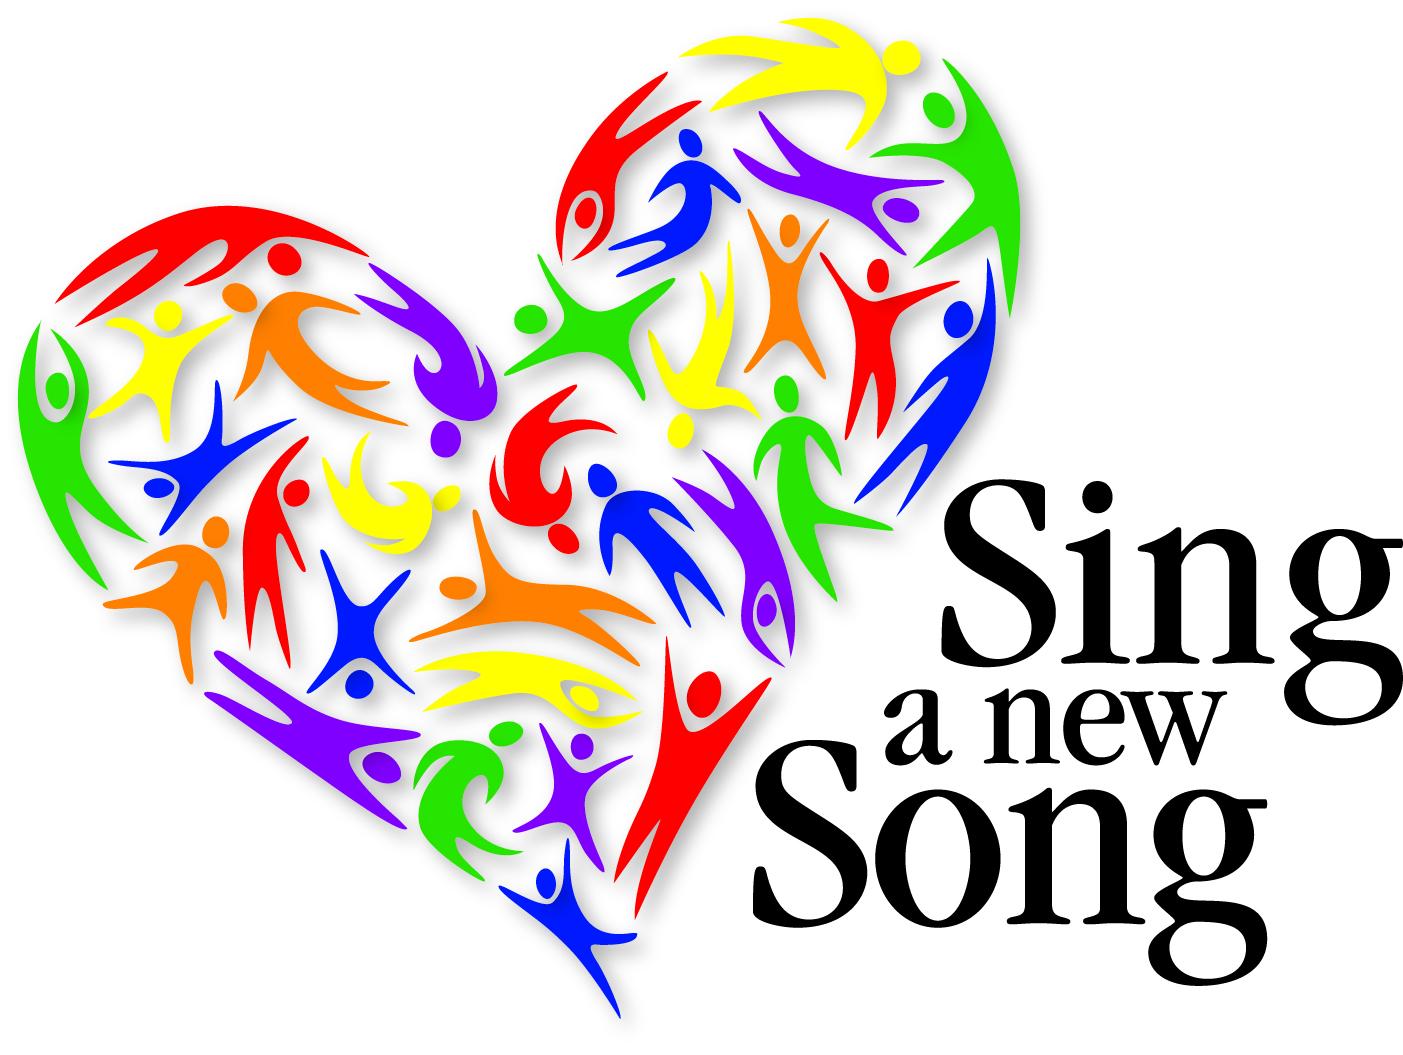 http://2.bp.blogspot.com/-a52Oyo_M8h4/T5BFYfbvf1I/AAAAAAAAAO8/2nJ6Cvl1Nuk/s1600/rmn-sing-a-new-song-logo-color-3.jpg